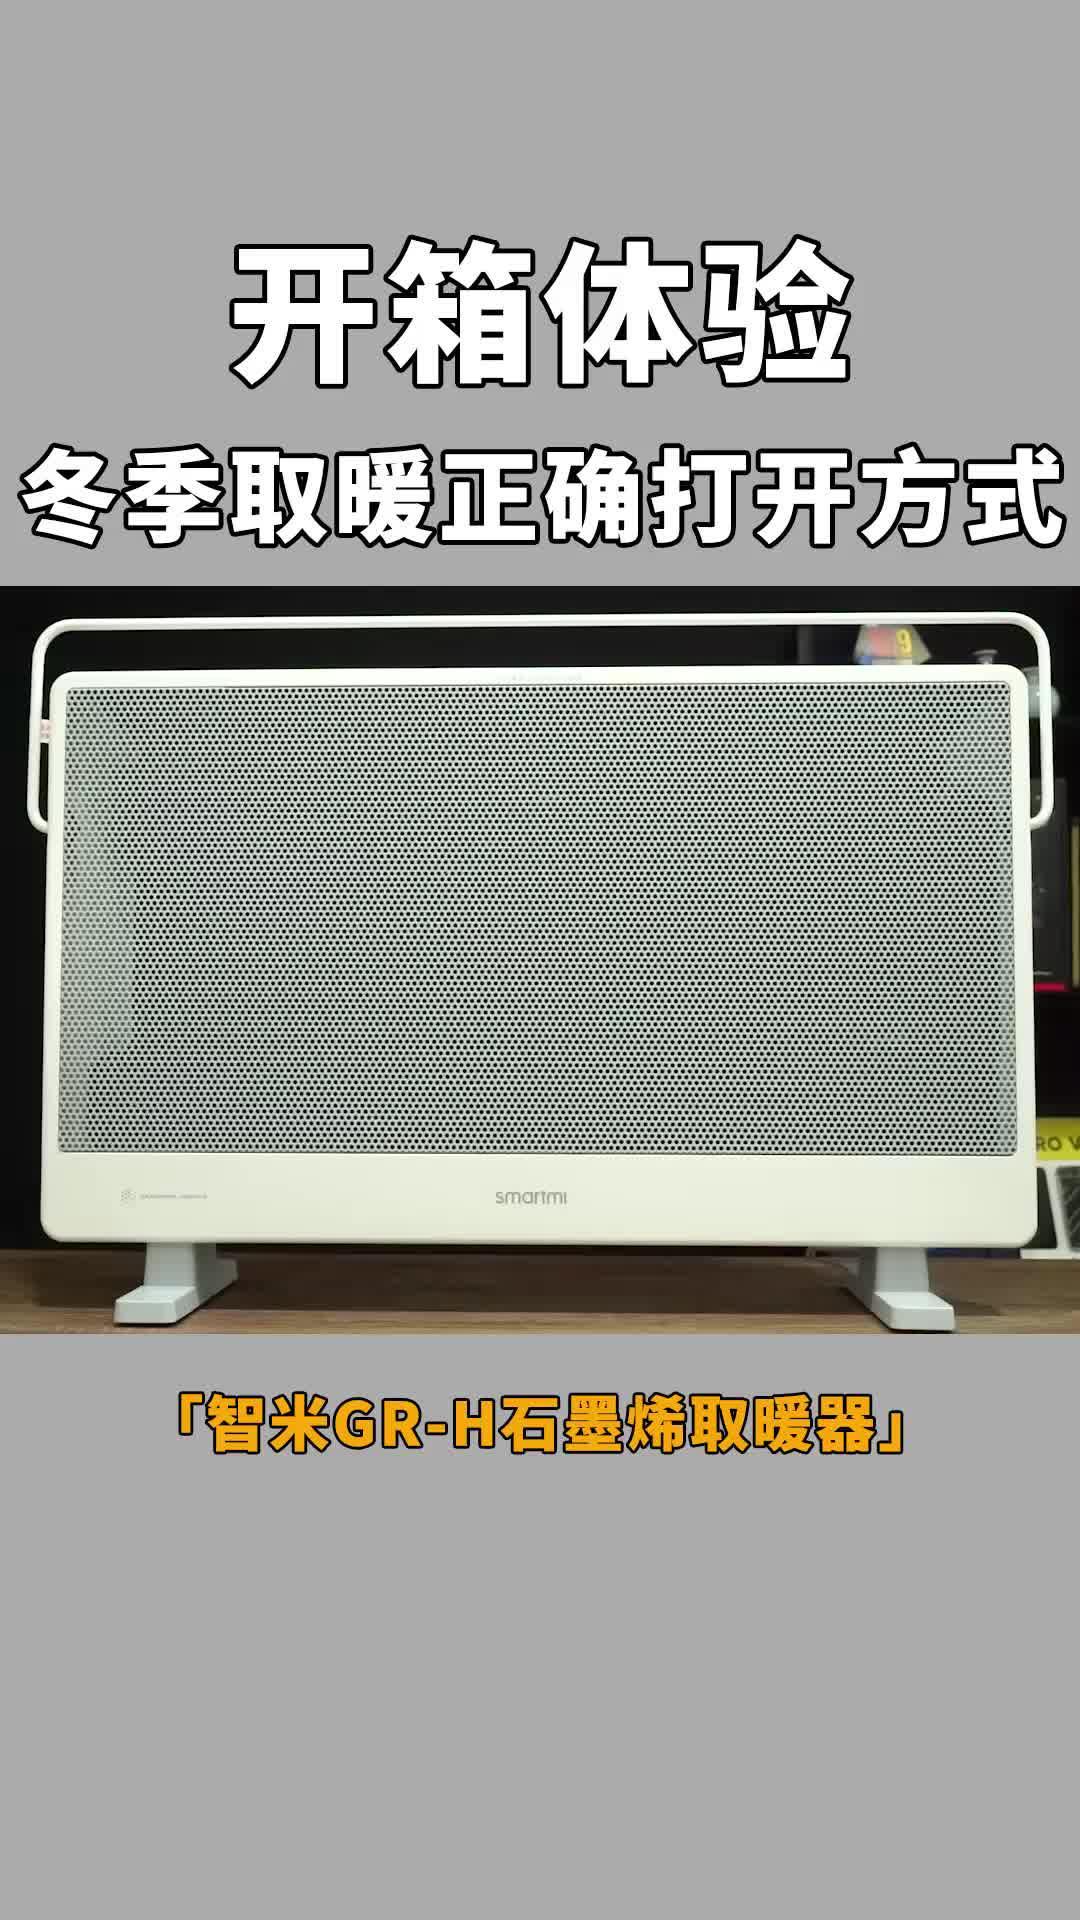 智米GR-H石墨烯取暖器上手开箱,冬季取暖的正确打开方式